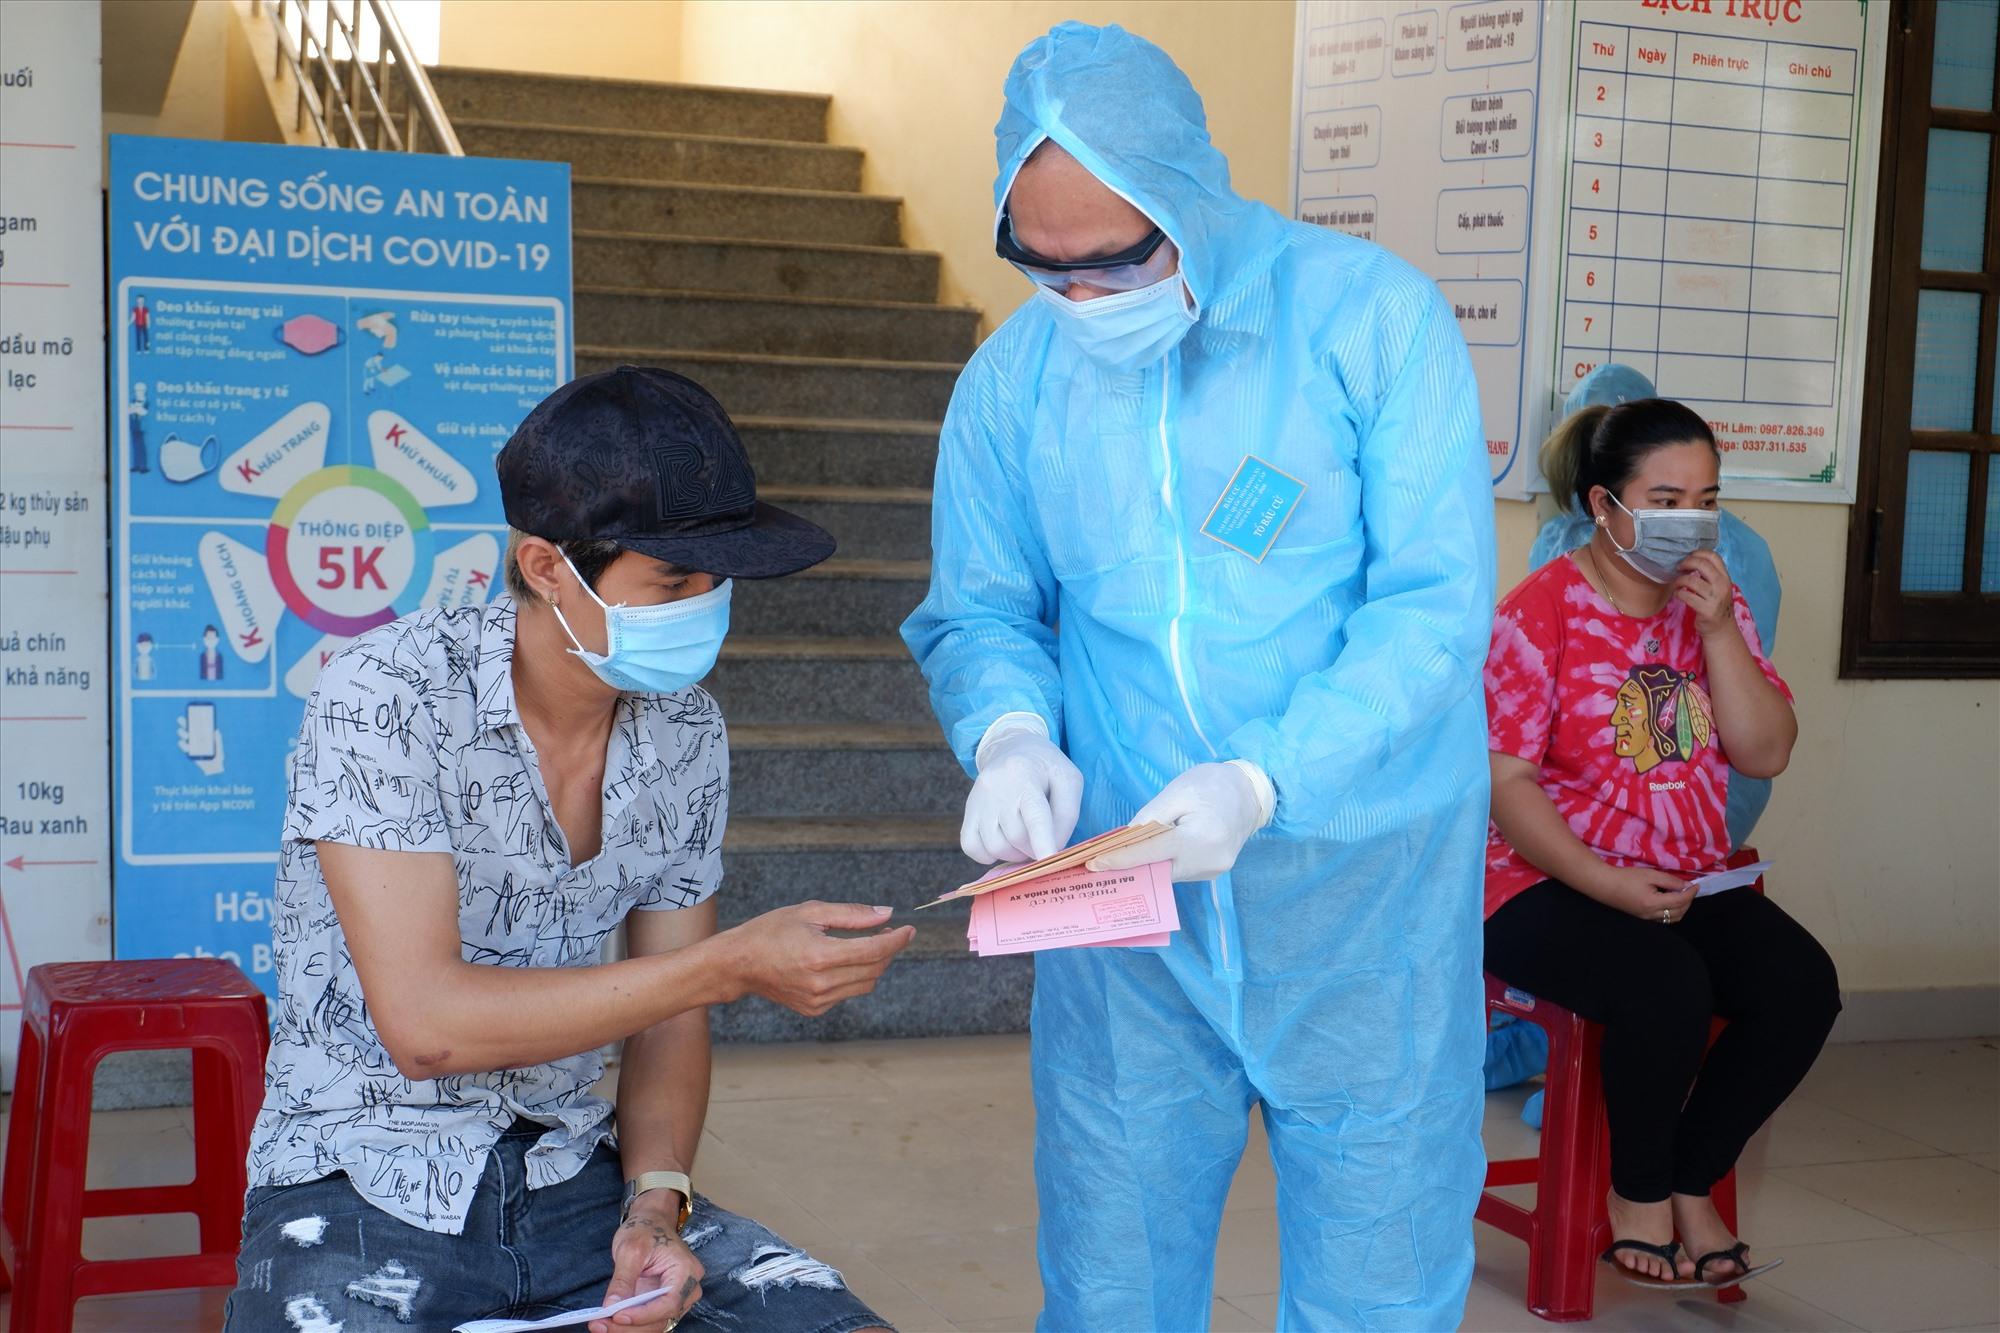 Quảng Nam sẽ hỗ trợ mức 80 nghìn đồng/ngày đối với người cách ly tập trung và bệnh nhân Covid-19 từ ngày 27.4 - 31.12.2021.